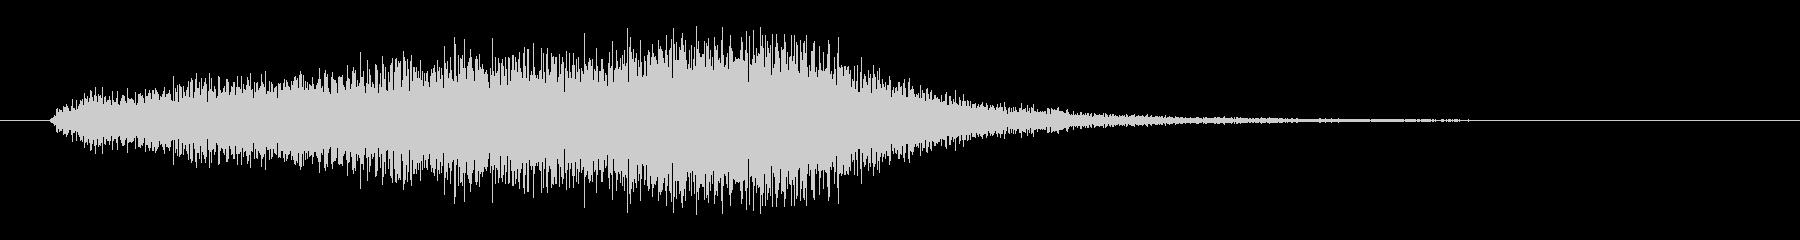 オーケストラ ジングルブラスとひも01の未再生の波形